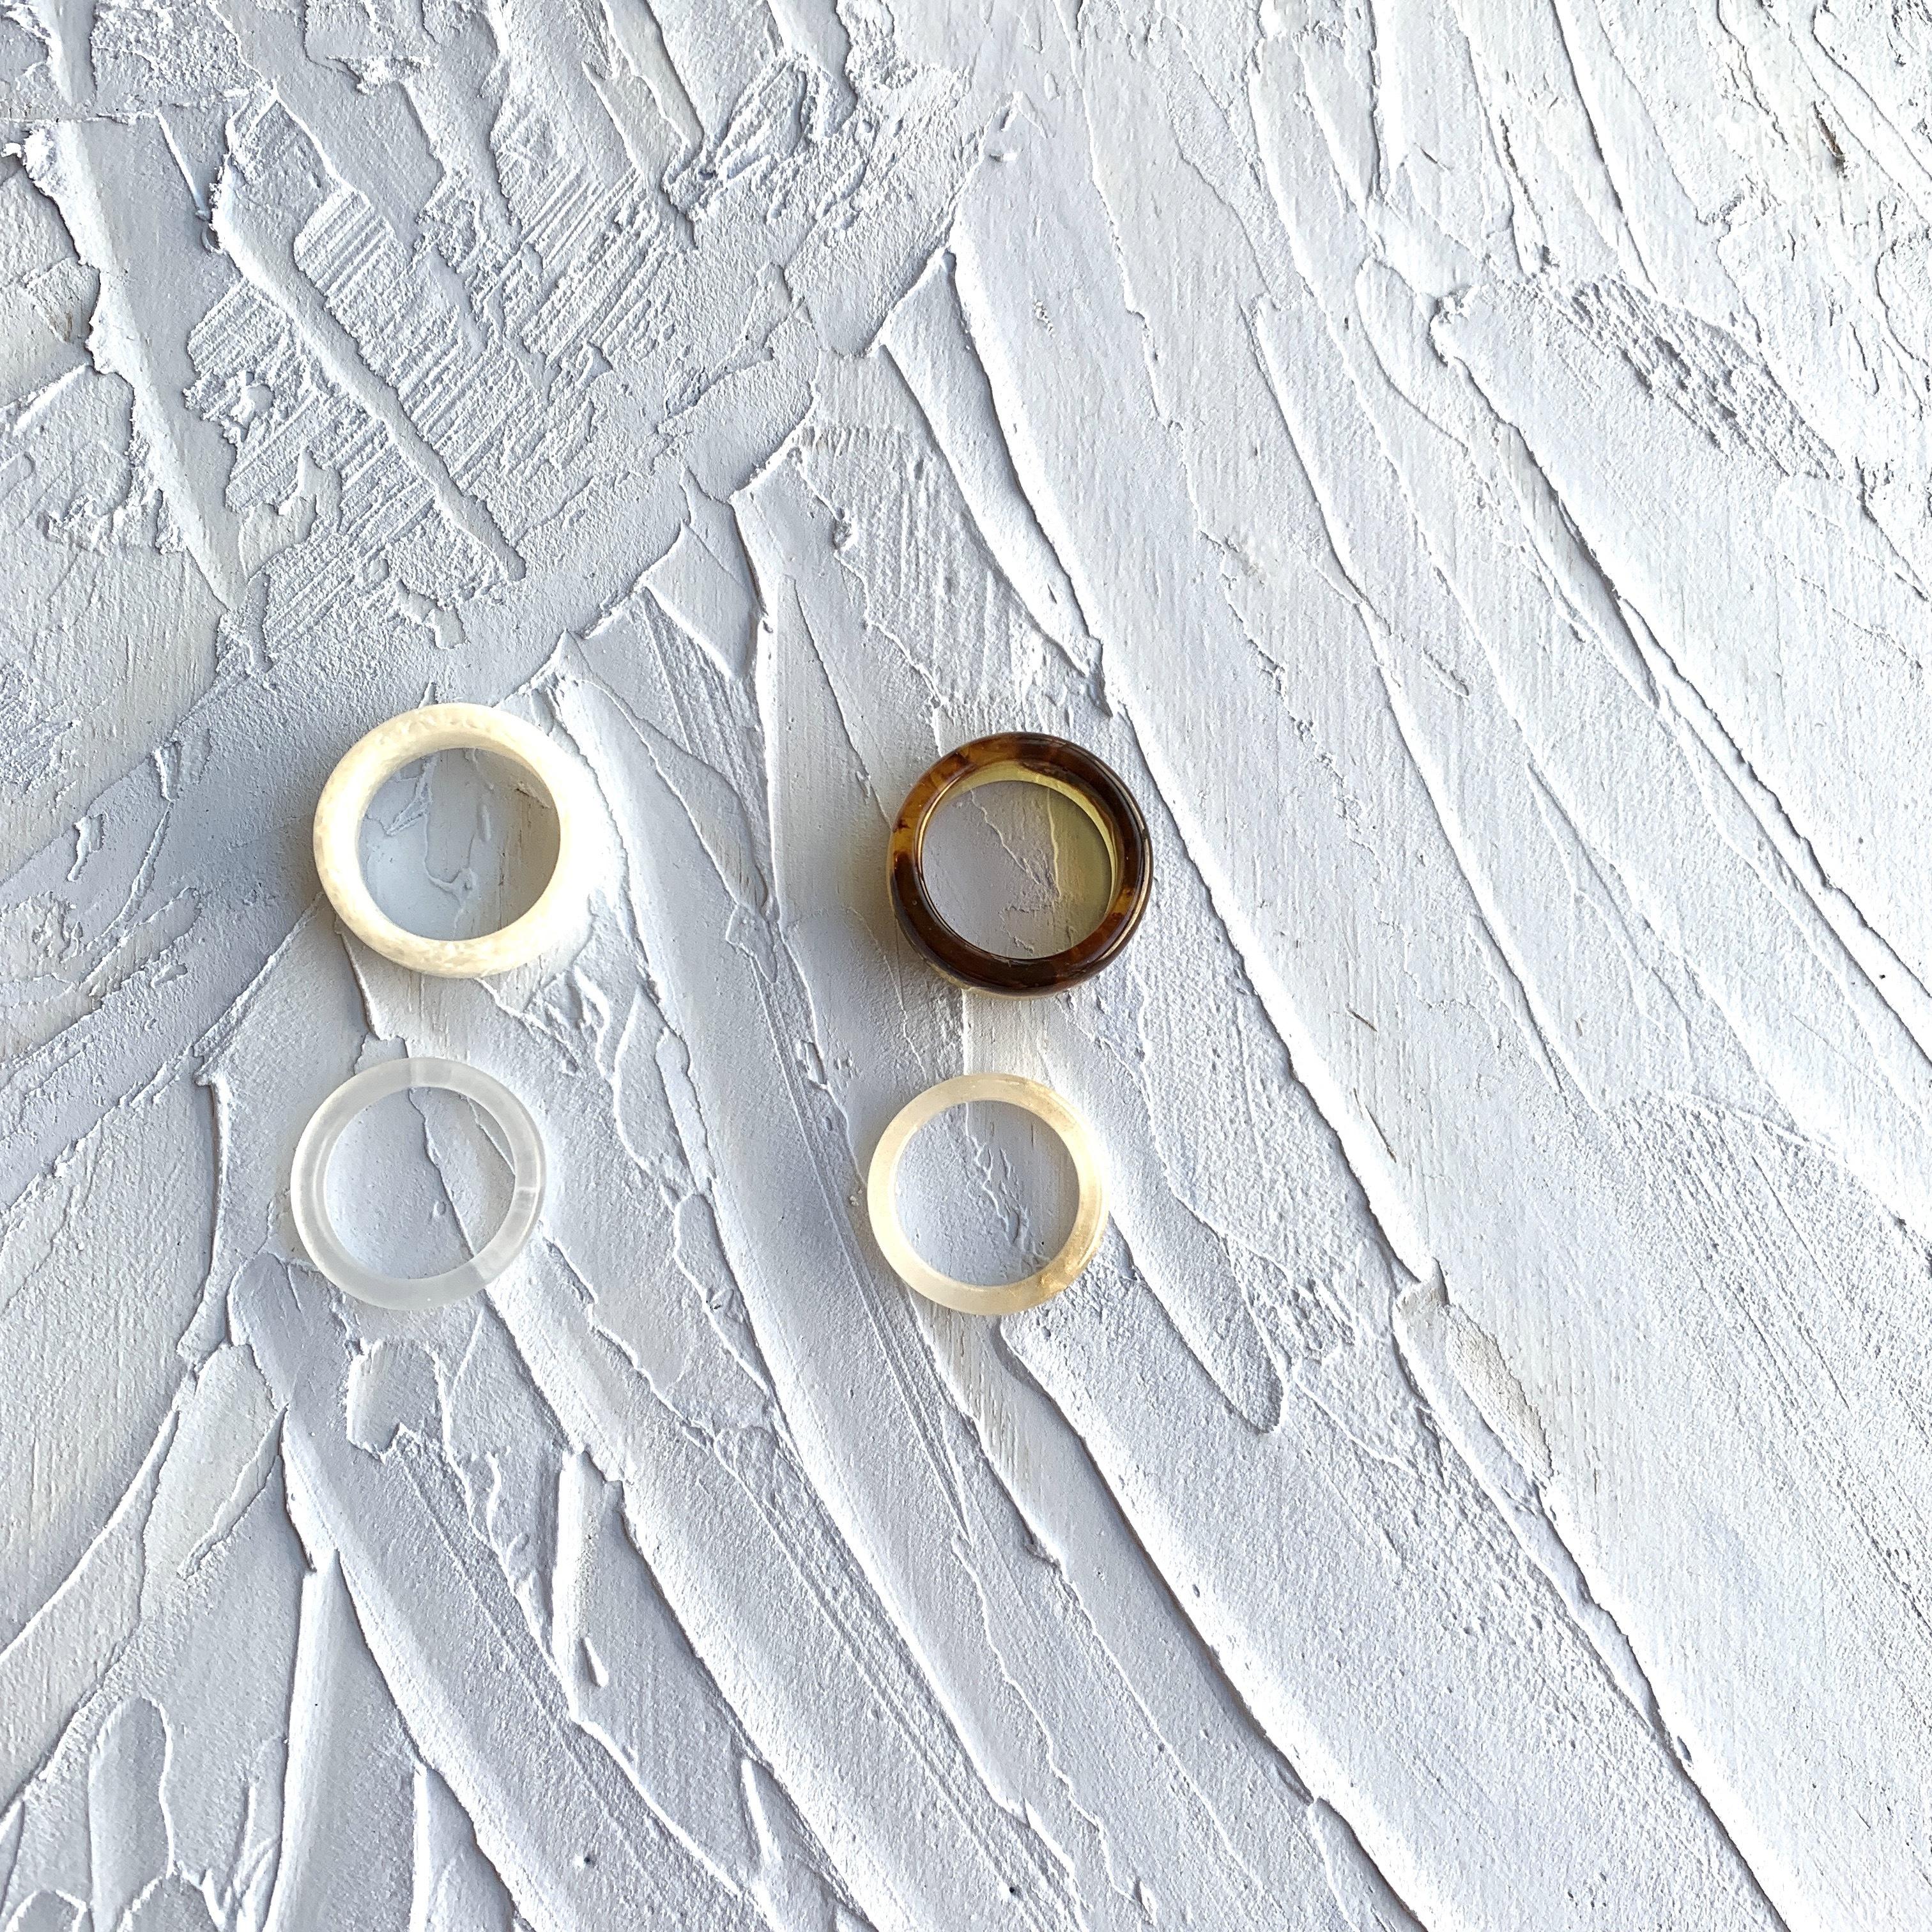 Acrylil Set Ring  | アクリルセットリング|#sp0175 |【STELLAPARK】